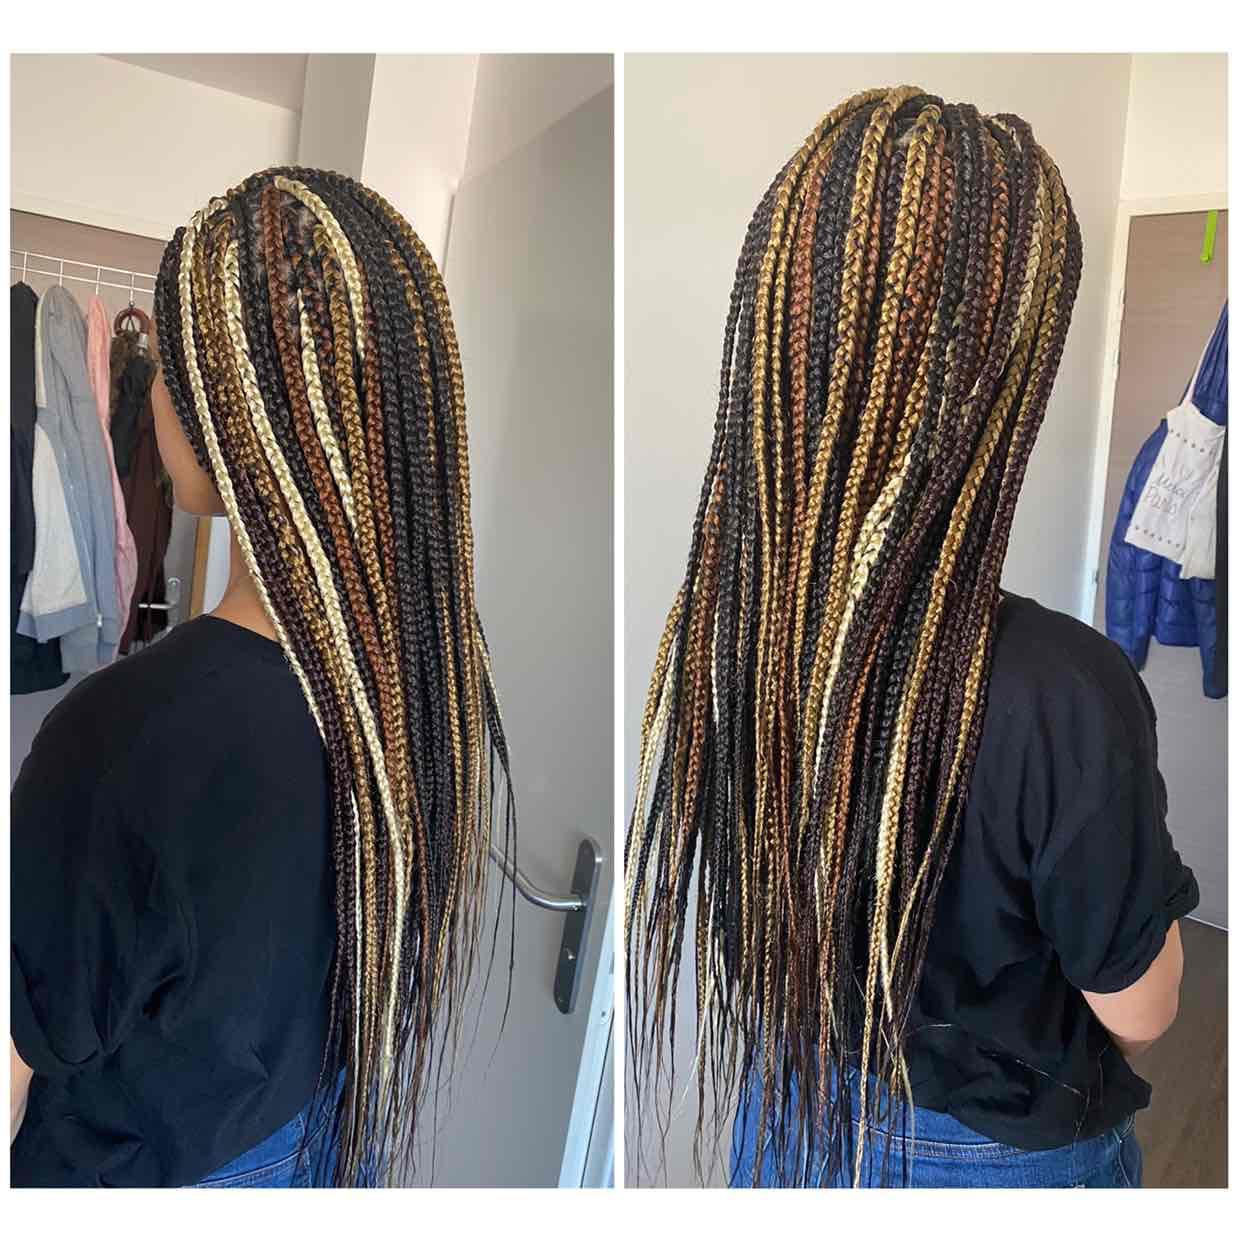 salon de coiffure afro tresse tresses box braids crochet braids vanilles tissages paris 75 77 78 91 92 93 94 95 UMCVPJVS